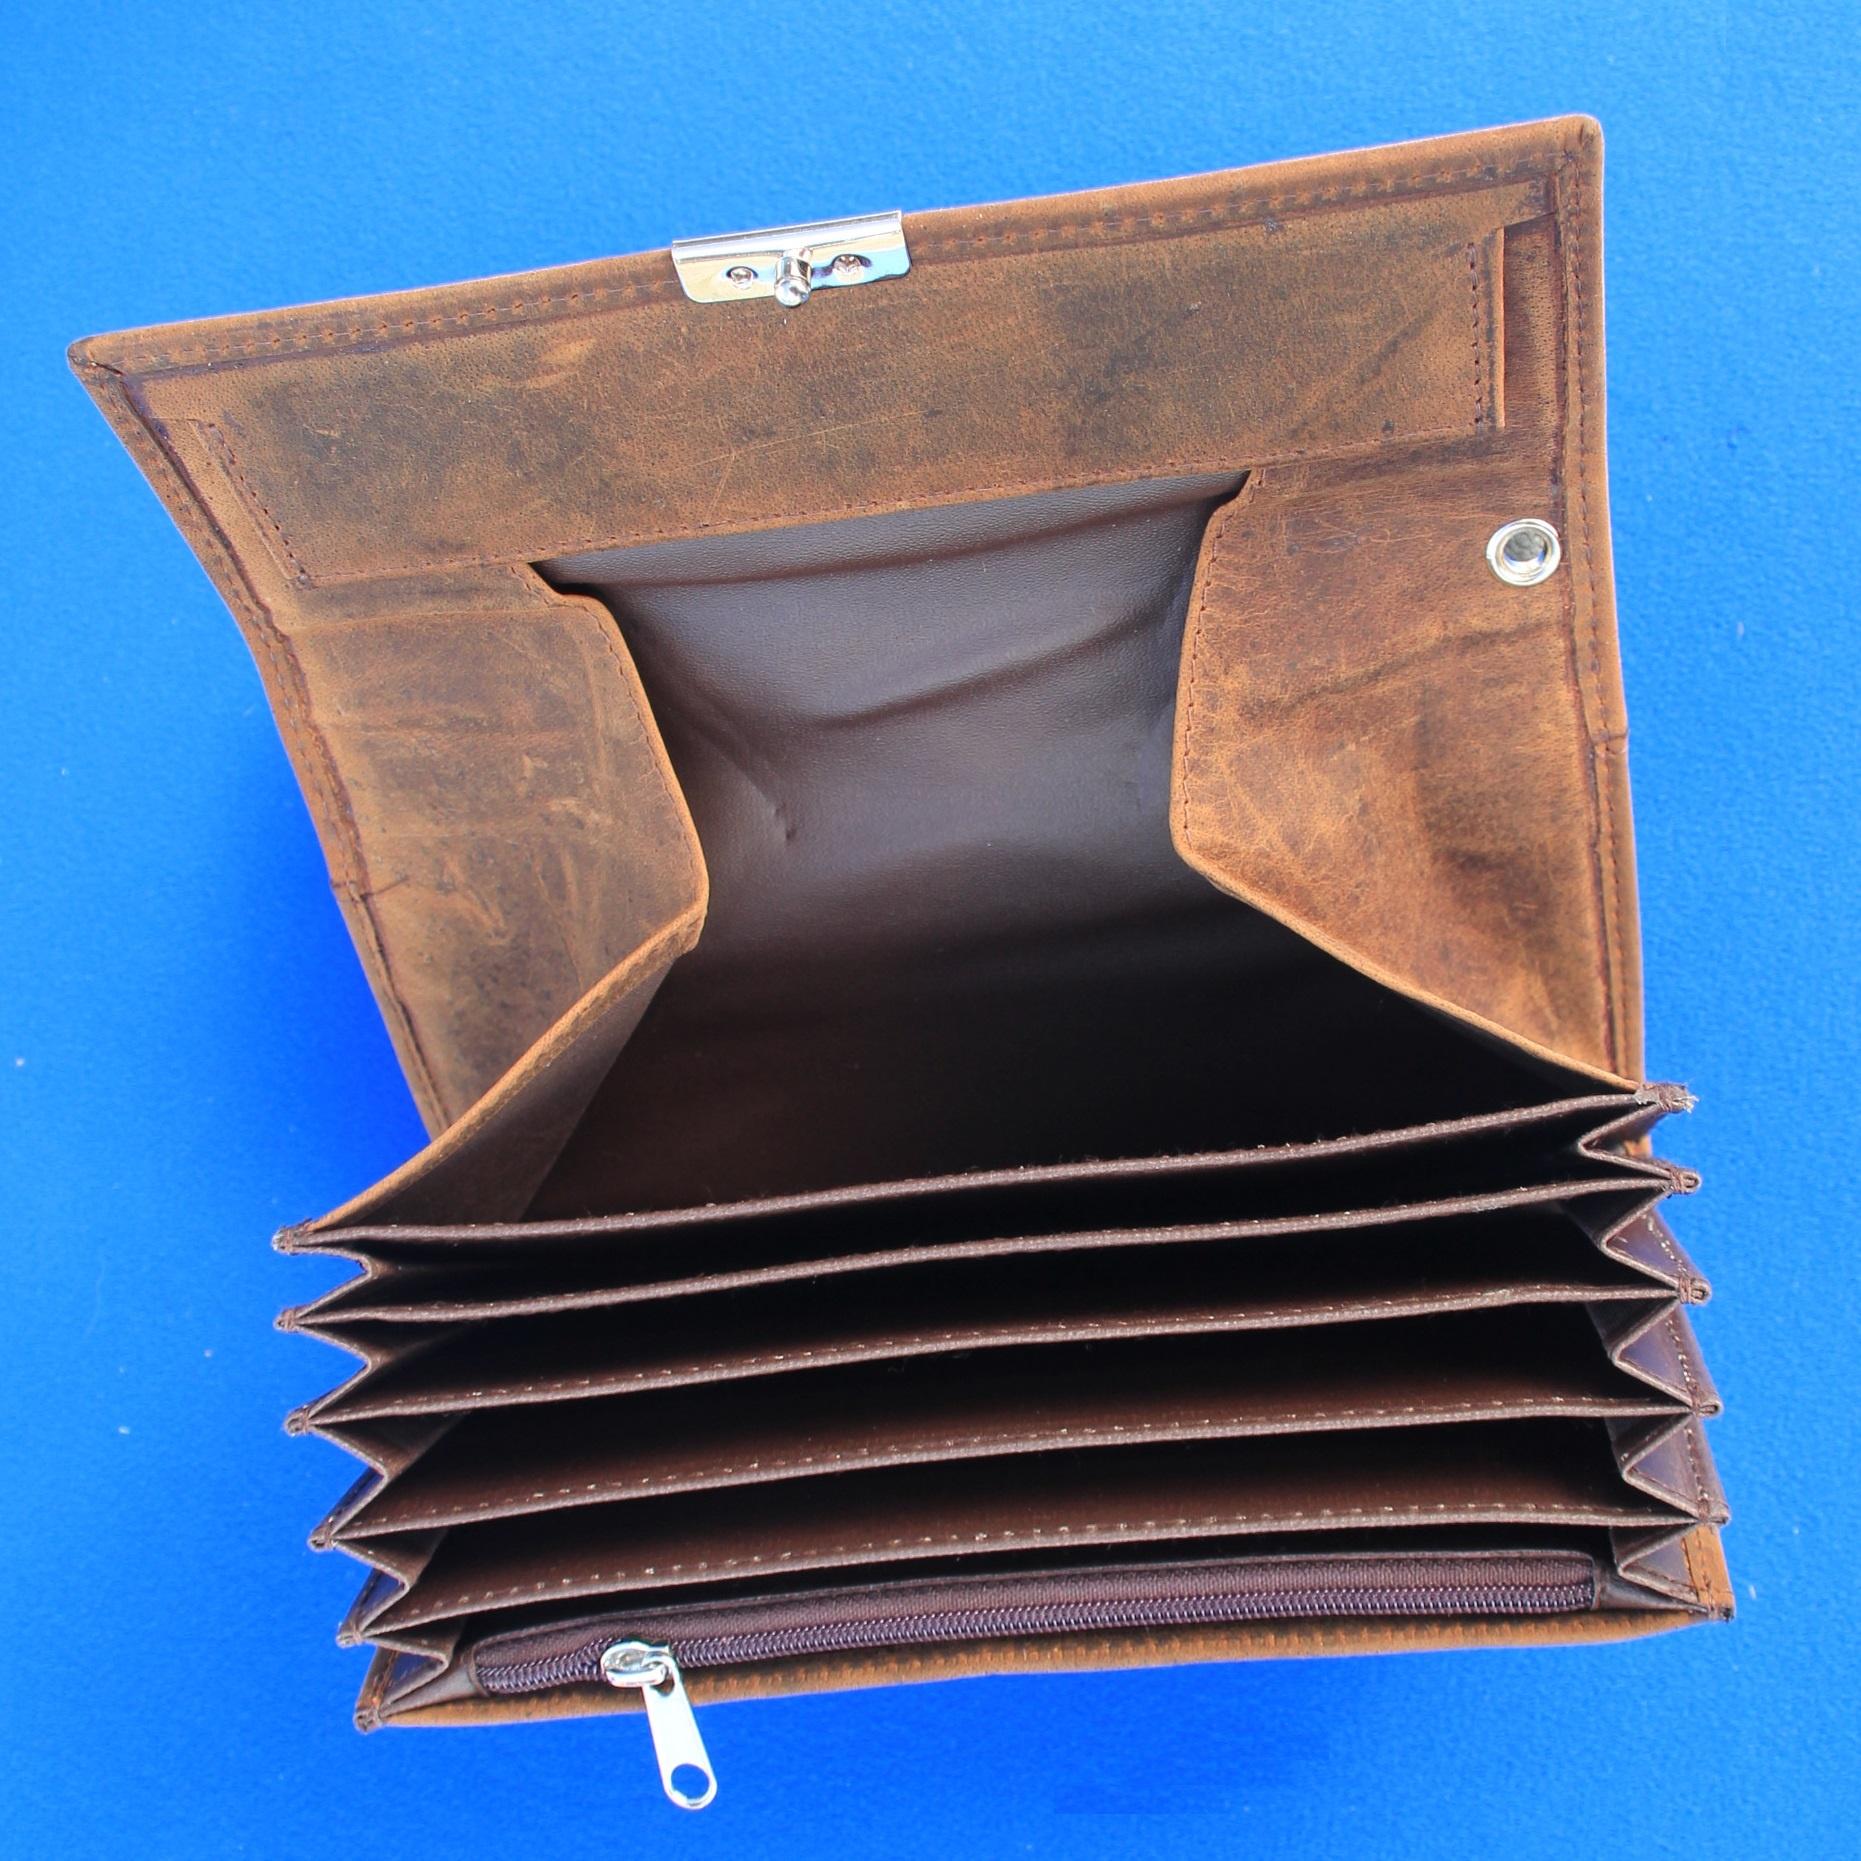 CombiCraft Kelnerbeurs 175 x 90 mm van Echt BUFFEL-leer  (Natuur gedroogd) - Grove structuur, prijs per stuk vanaf: